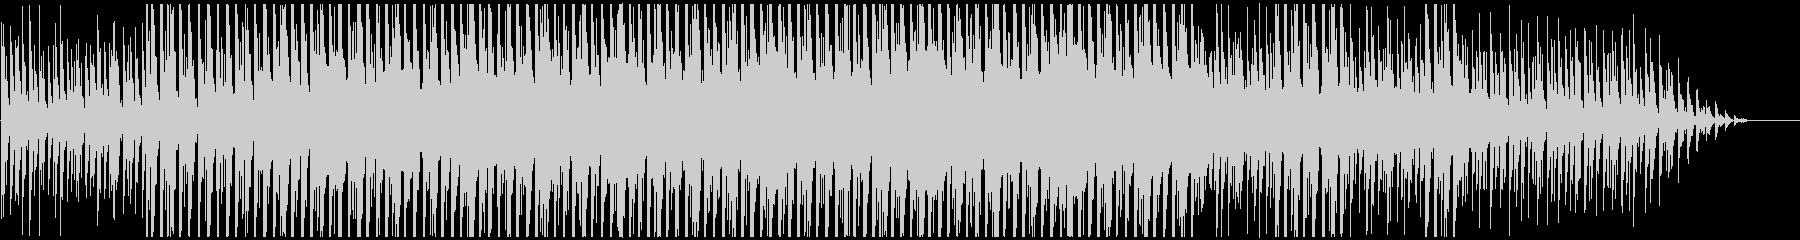 チュートリアル/デジタル/近未来的の未再生の波形